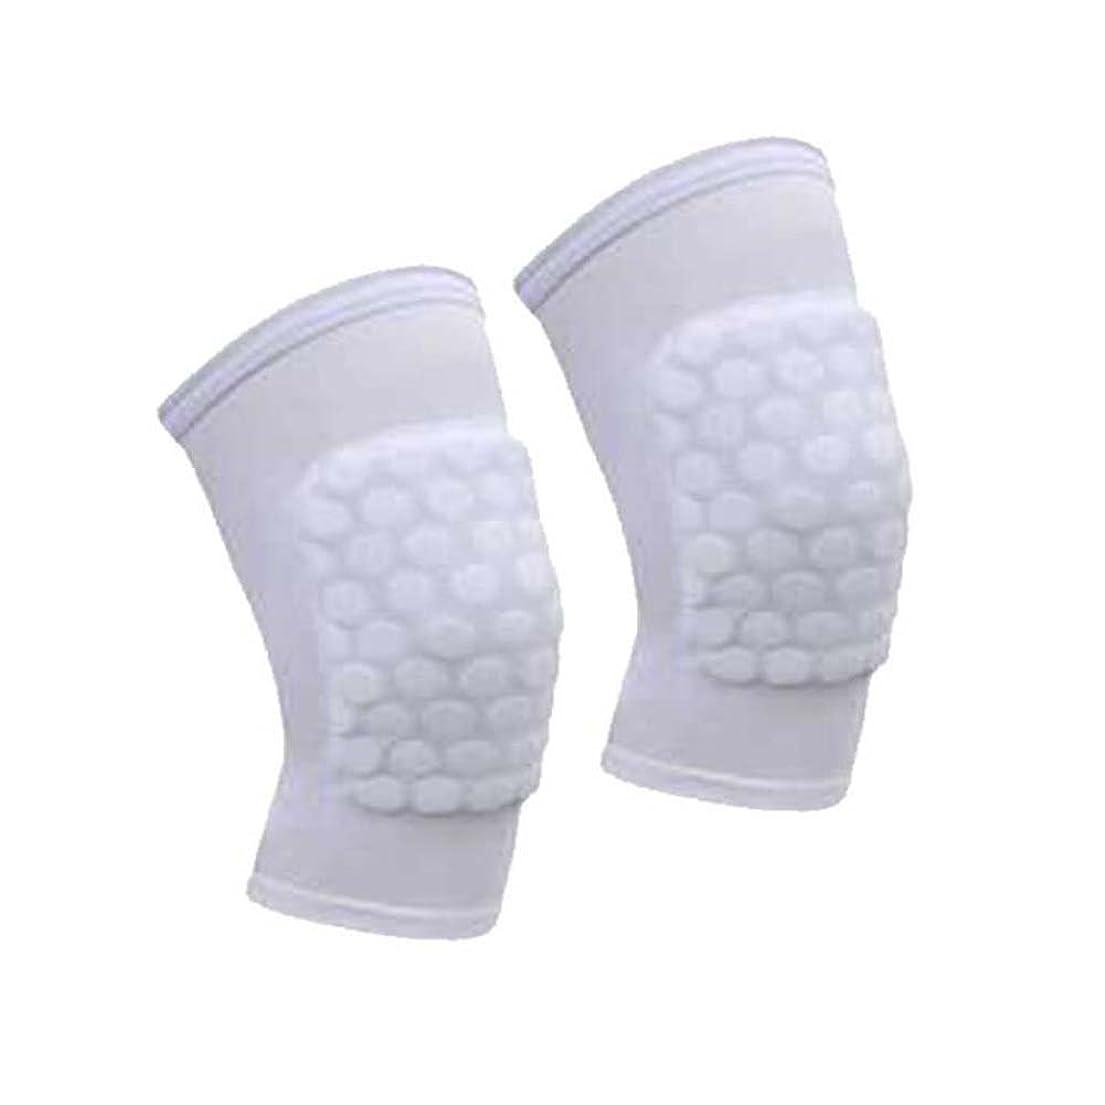 郵便番号デジタル歌う膝パッドは、痛みの保護パッドを緩める膝のブレースプロテクター(ホワイト)